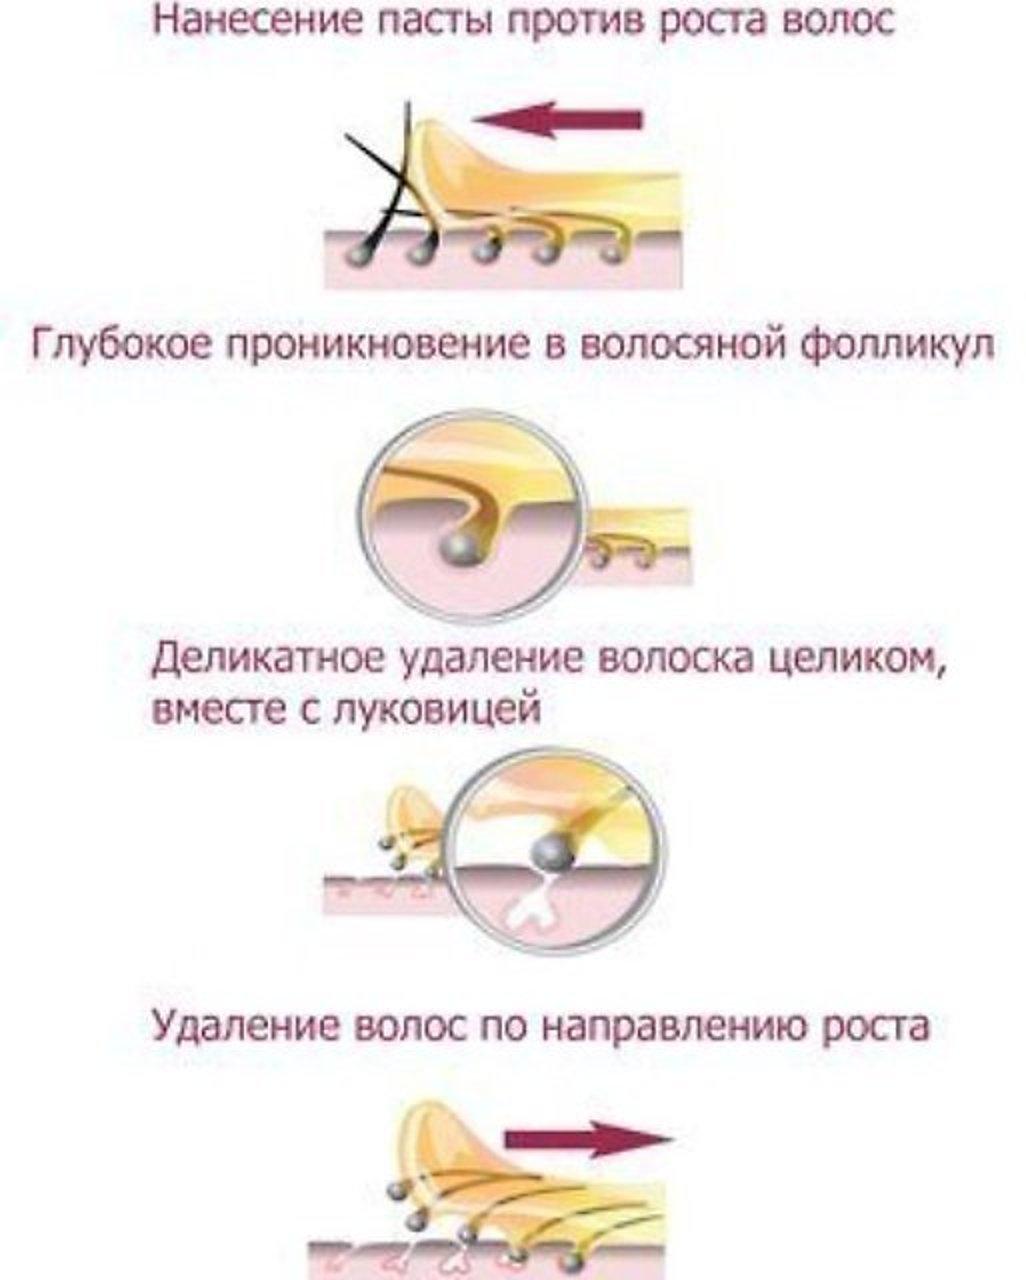 Что лучше: воск или шугаринг, отличие восковой депиляции, что больнее и эффективнее